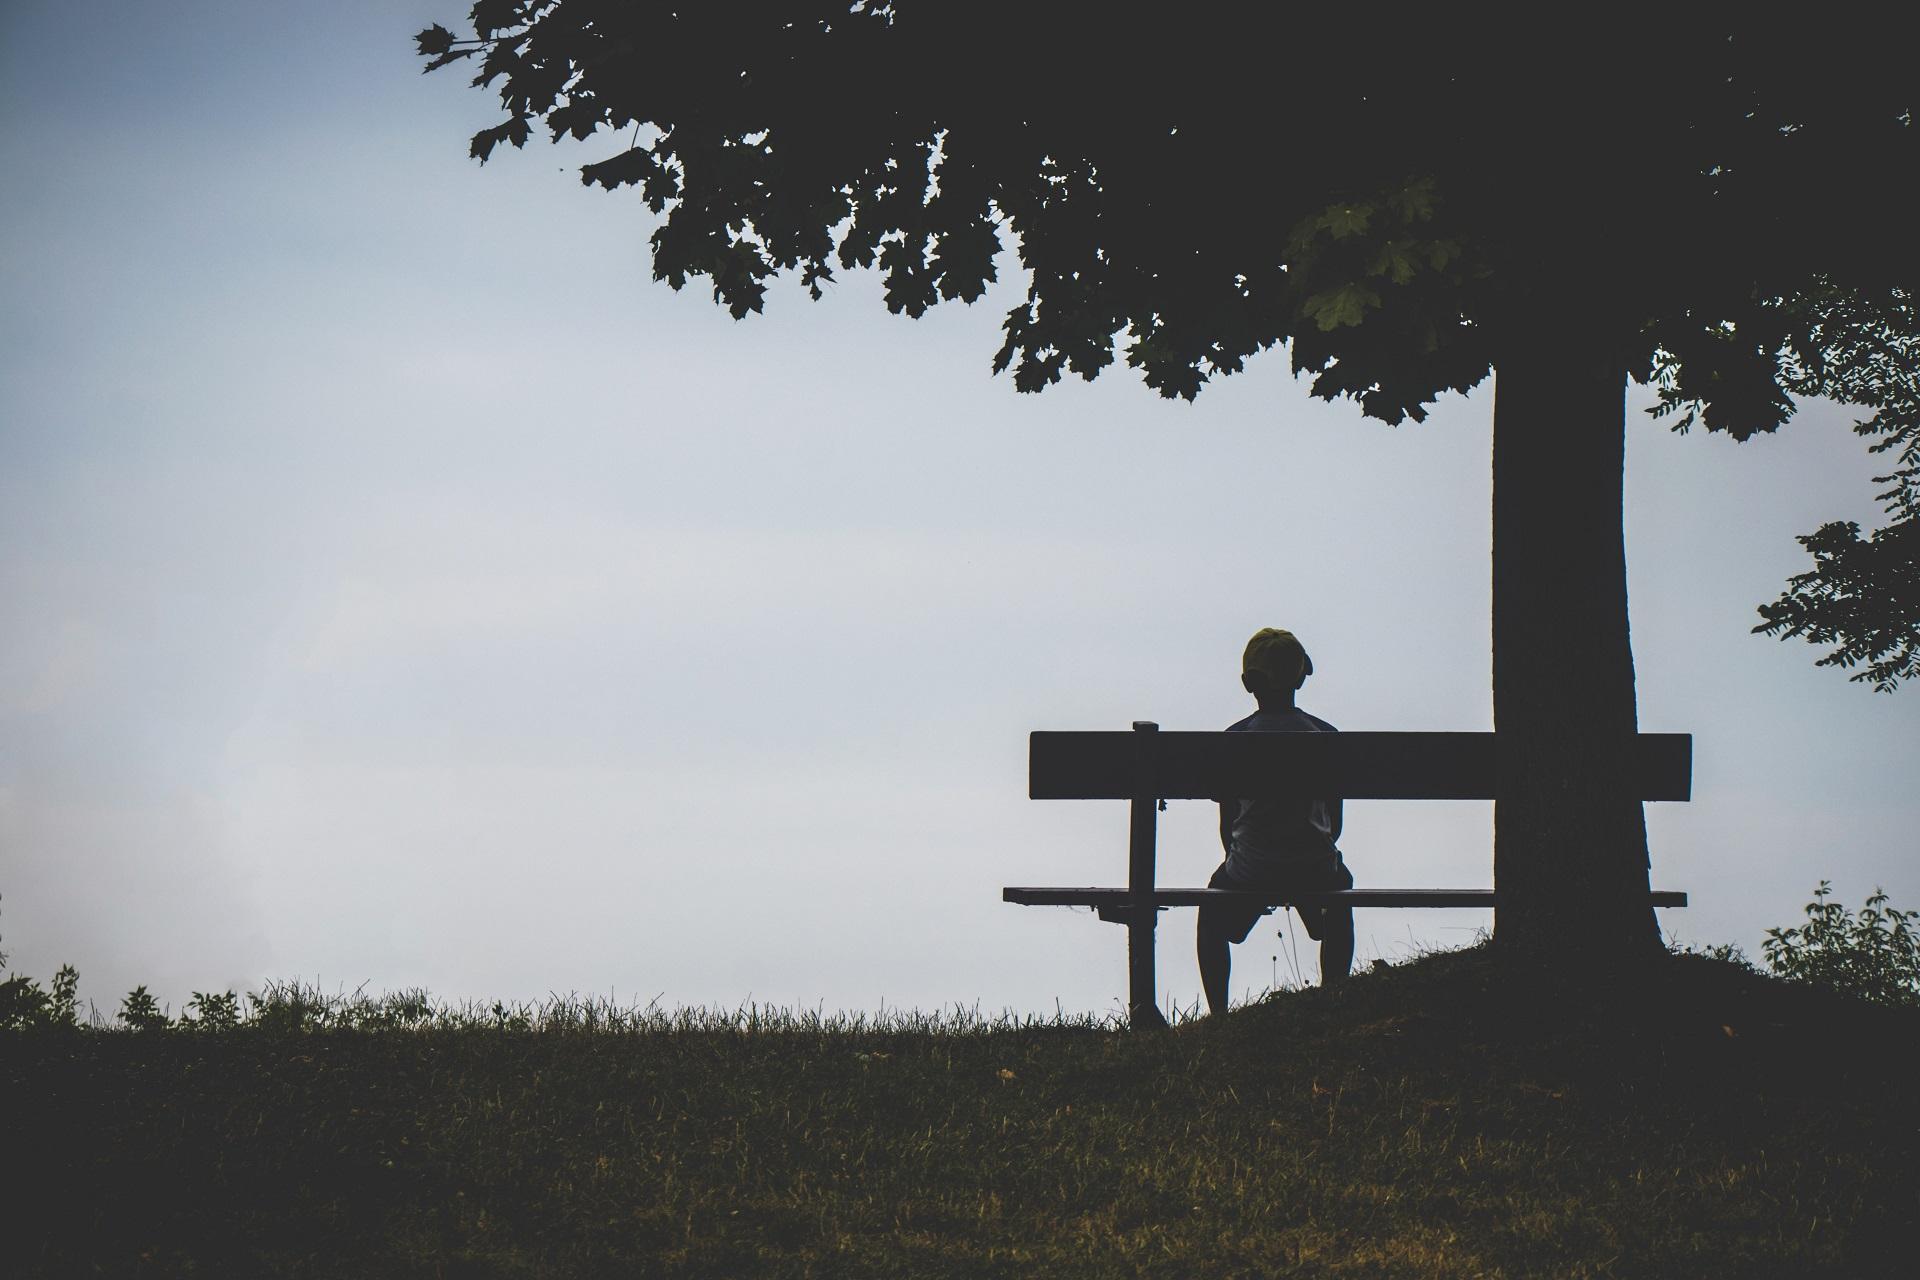 Αποτέλεσμα εικόνας για loneliness